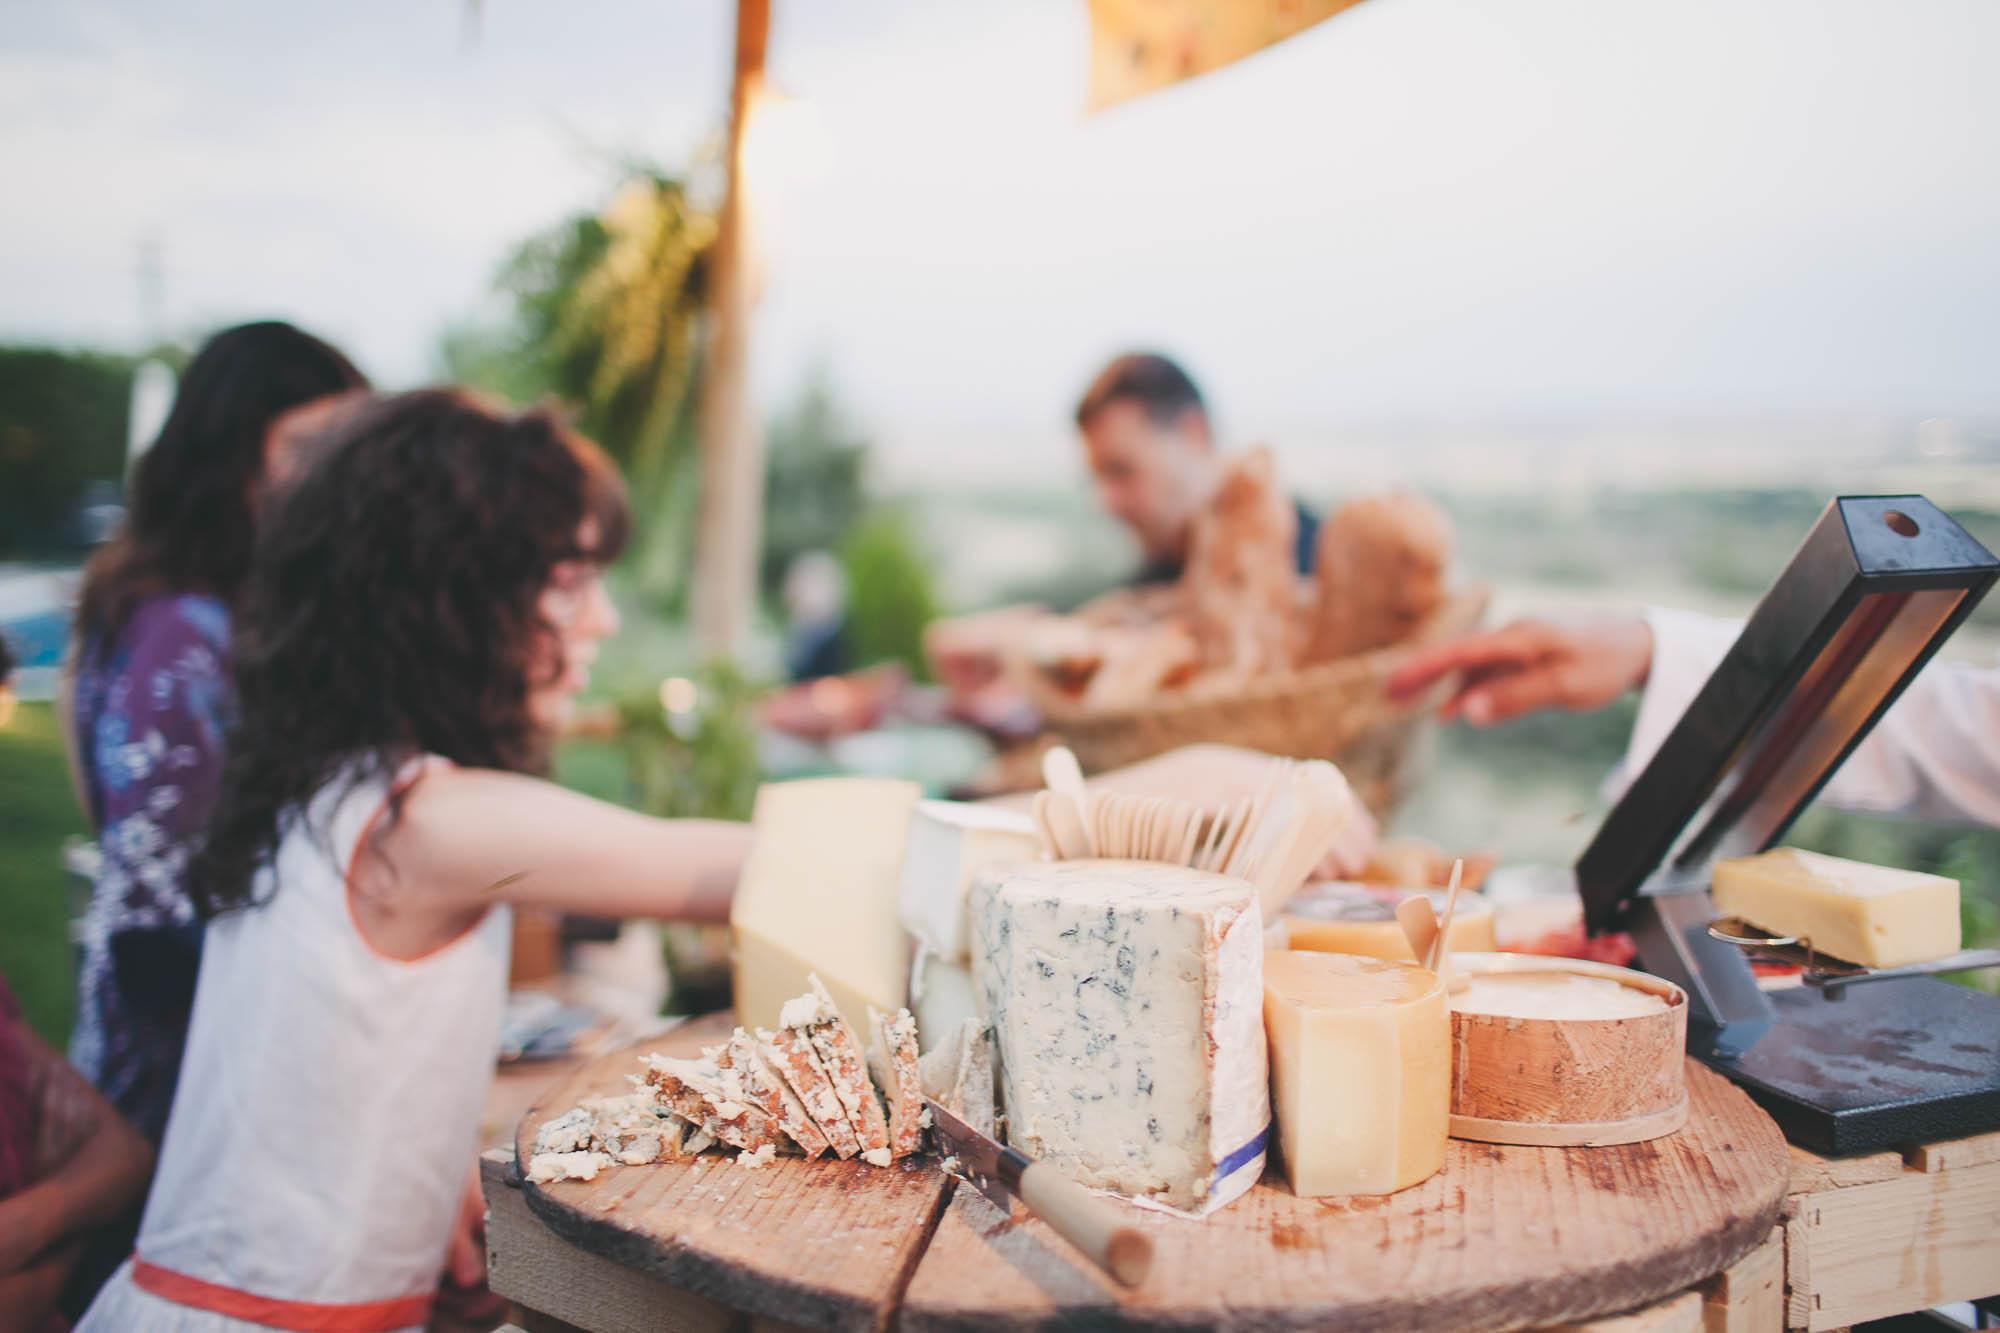 Las niñas en la barra de quesos